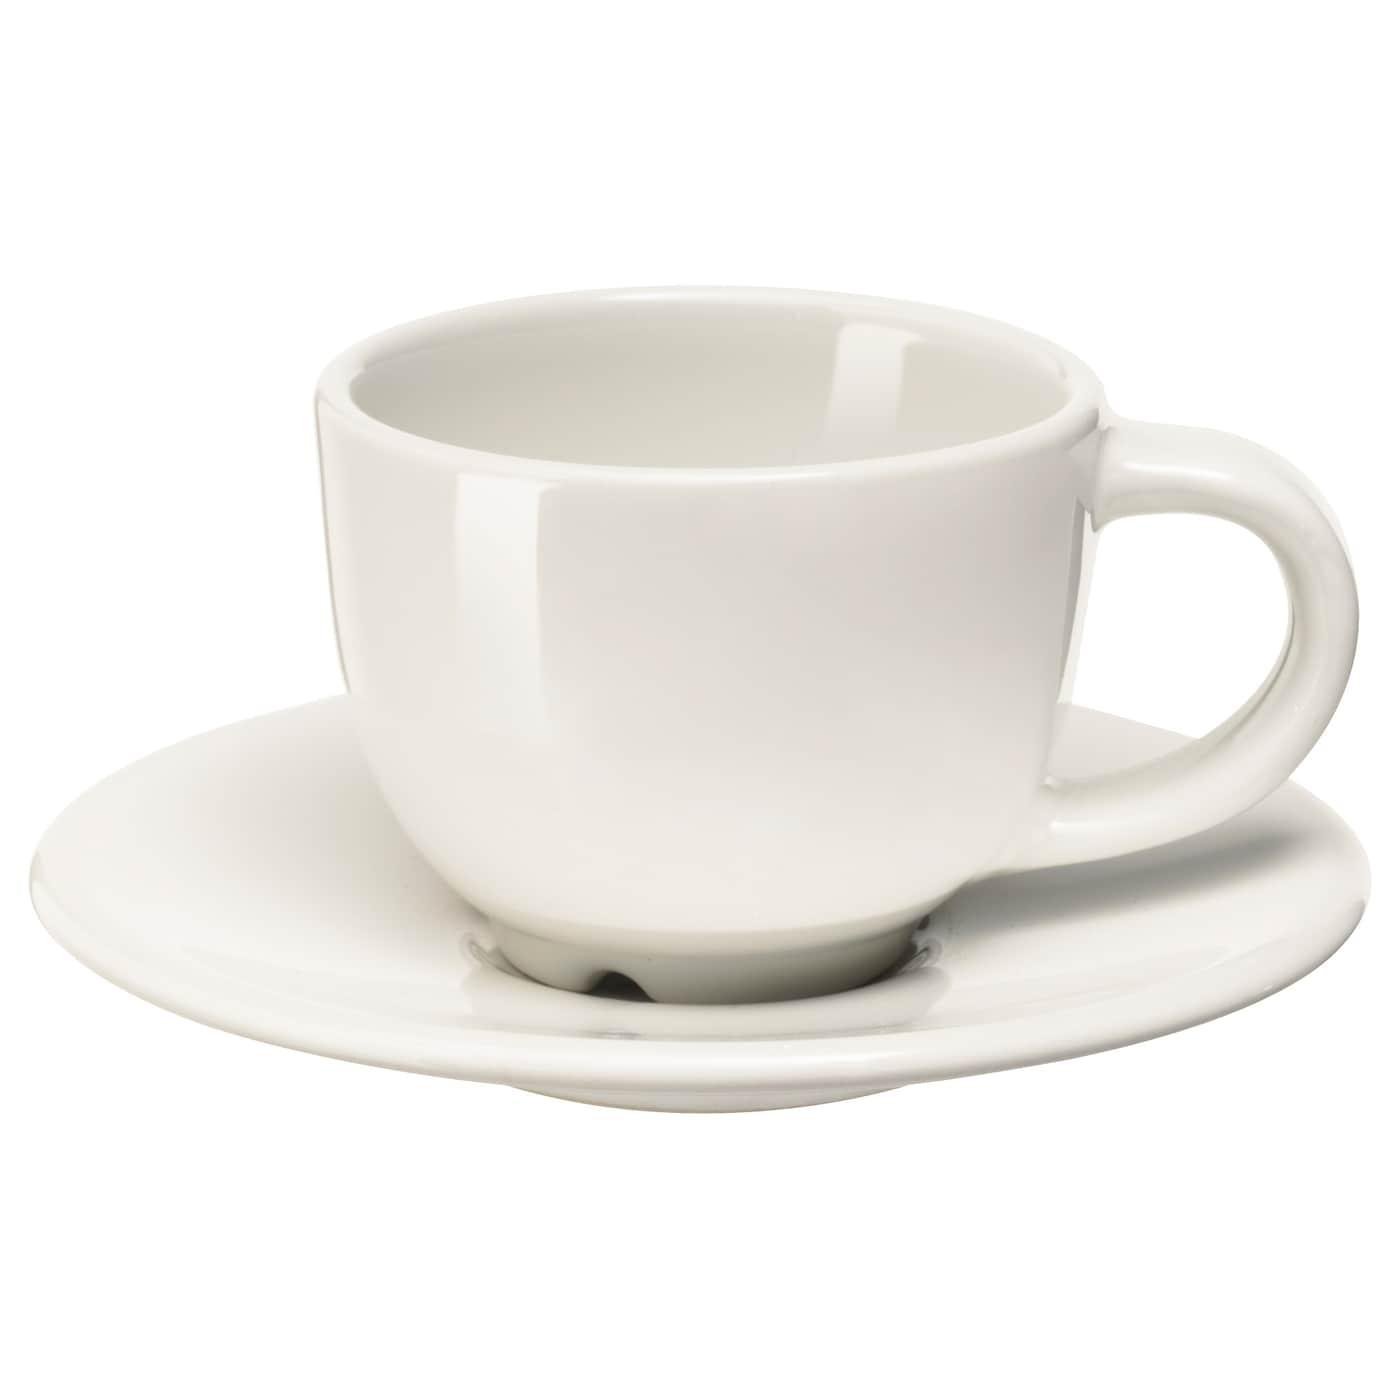 Ikea Vardagen Espresso Cup And Saucer